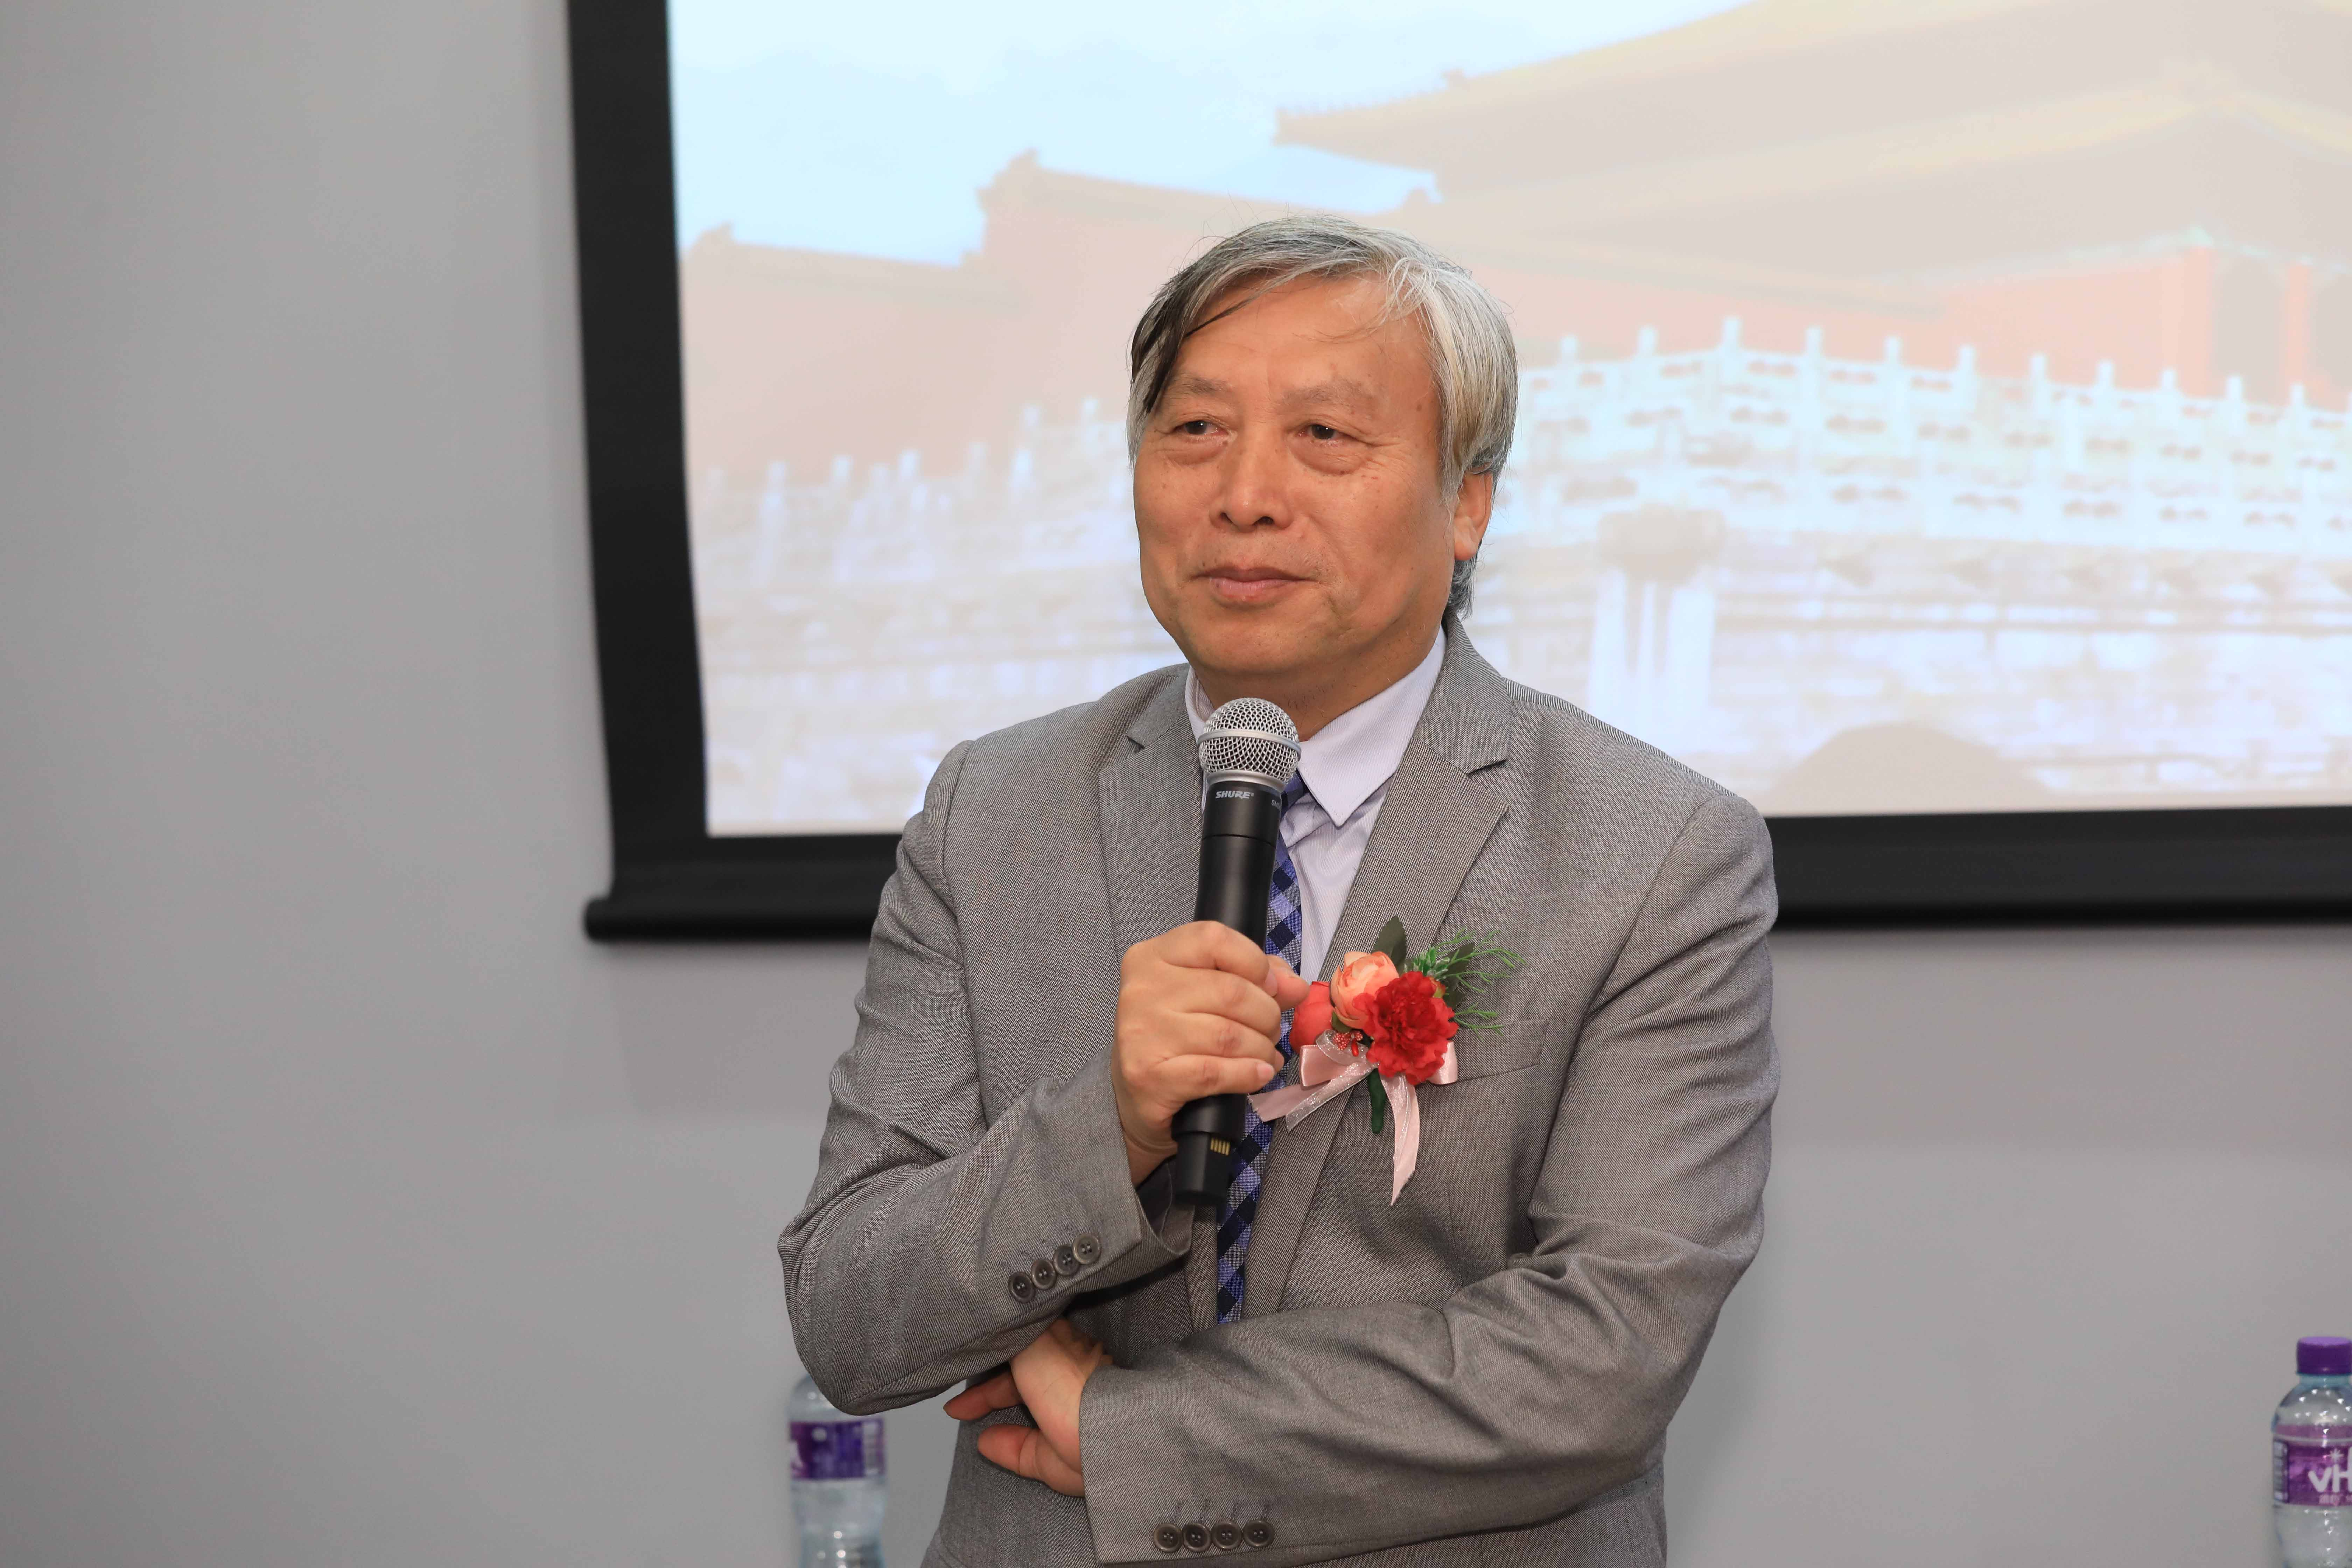 Prof Zhu Shoutong gives a keynote speech